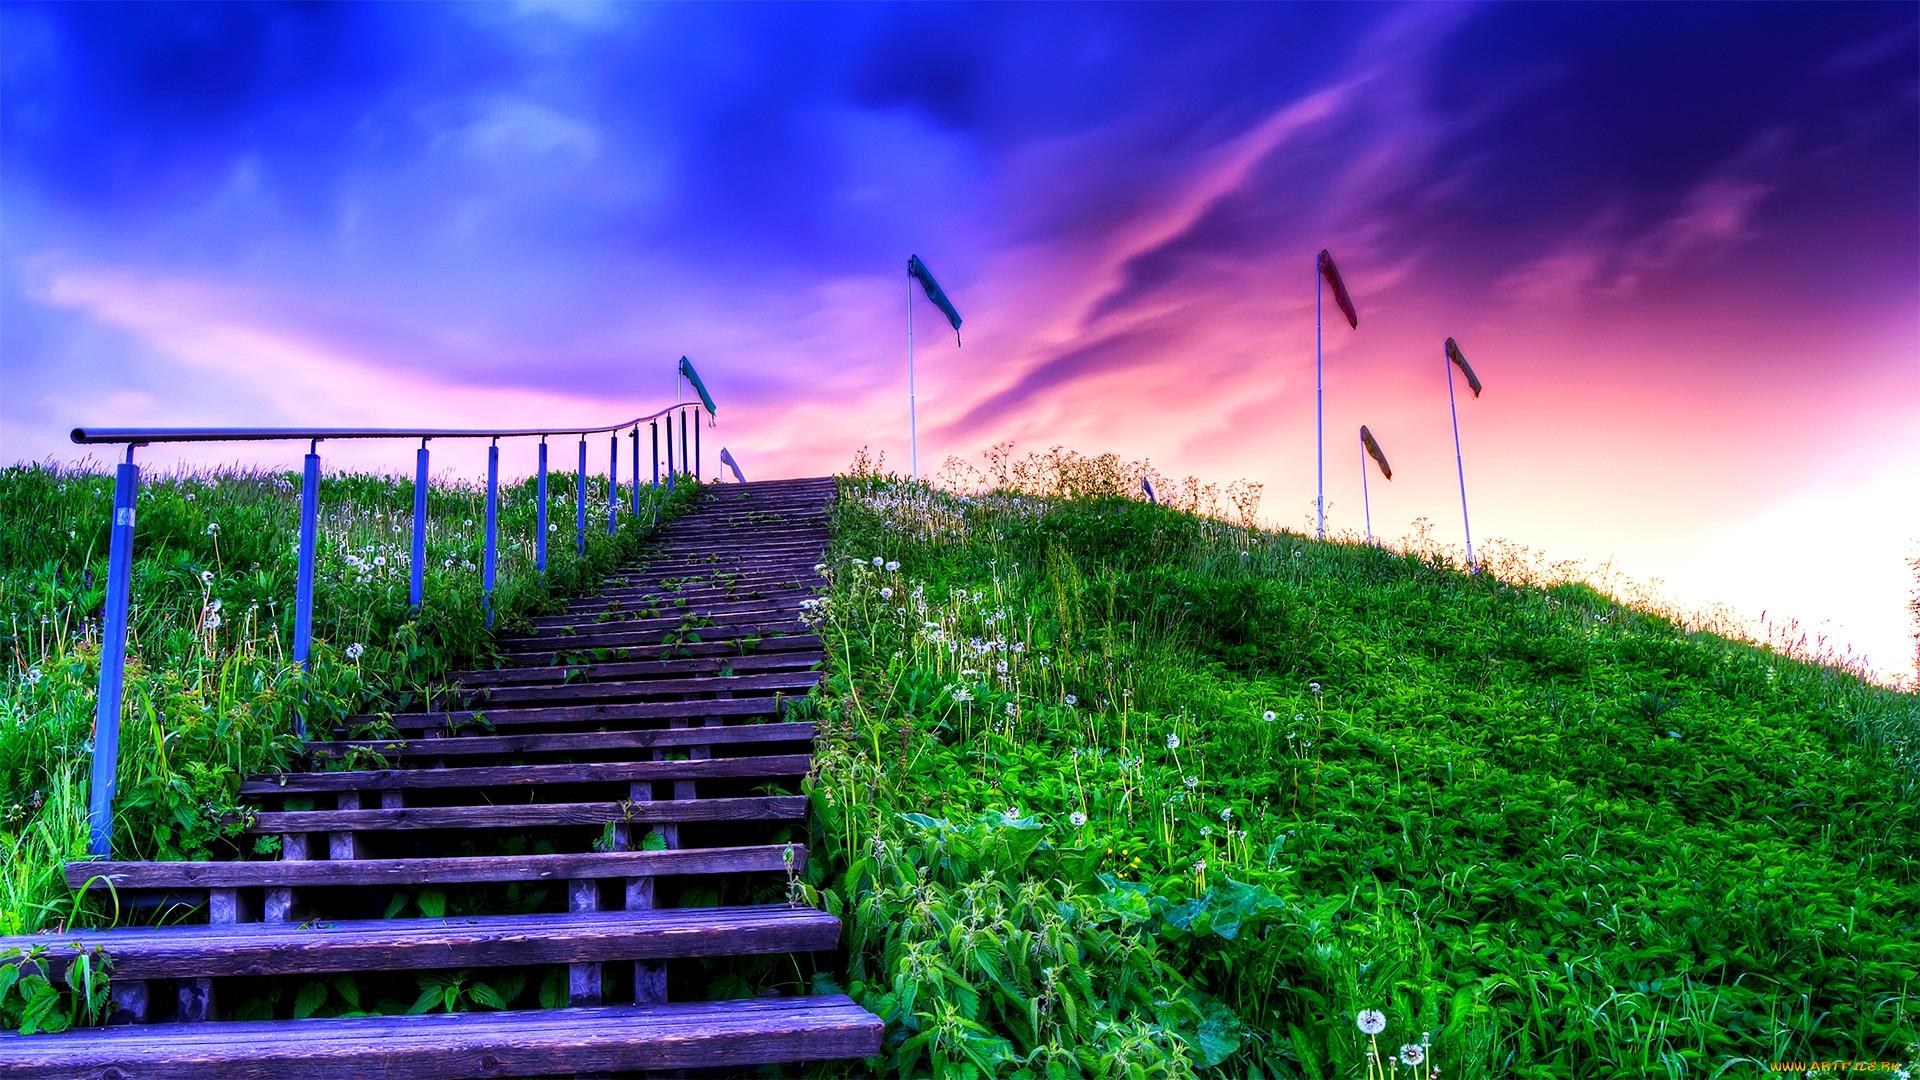 Картинка жизнь это лестница